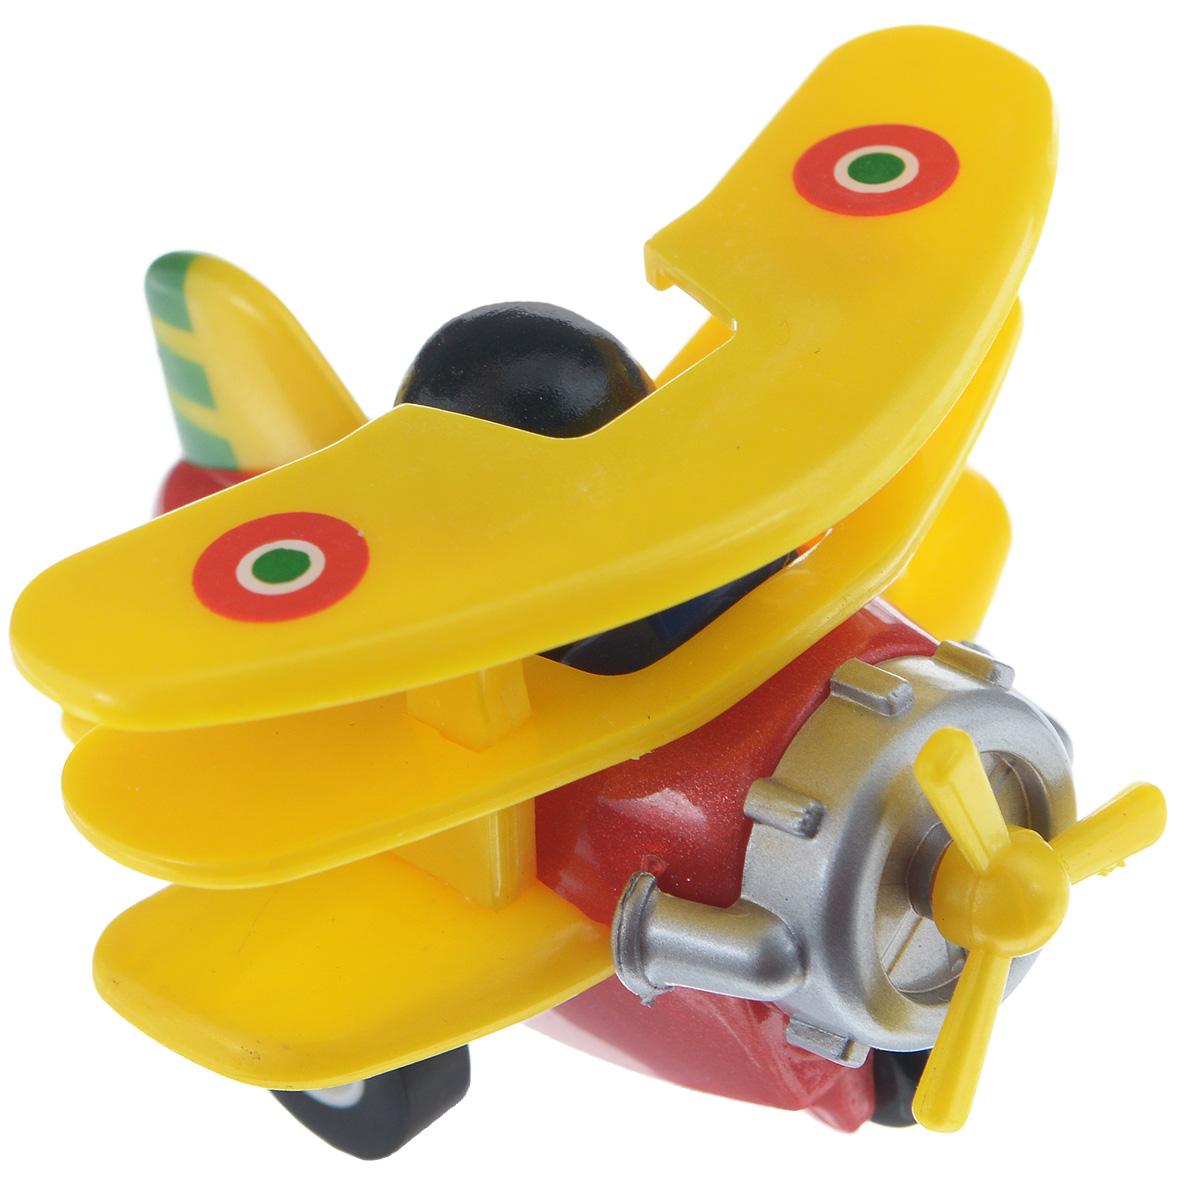 Hans Самолет инерционный цвет желтый красный hans